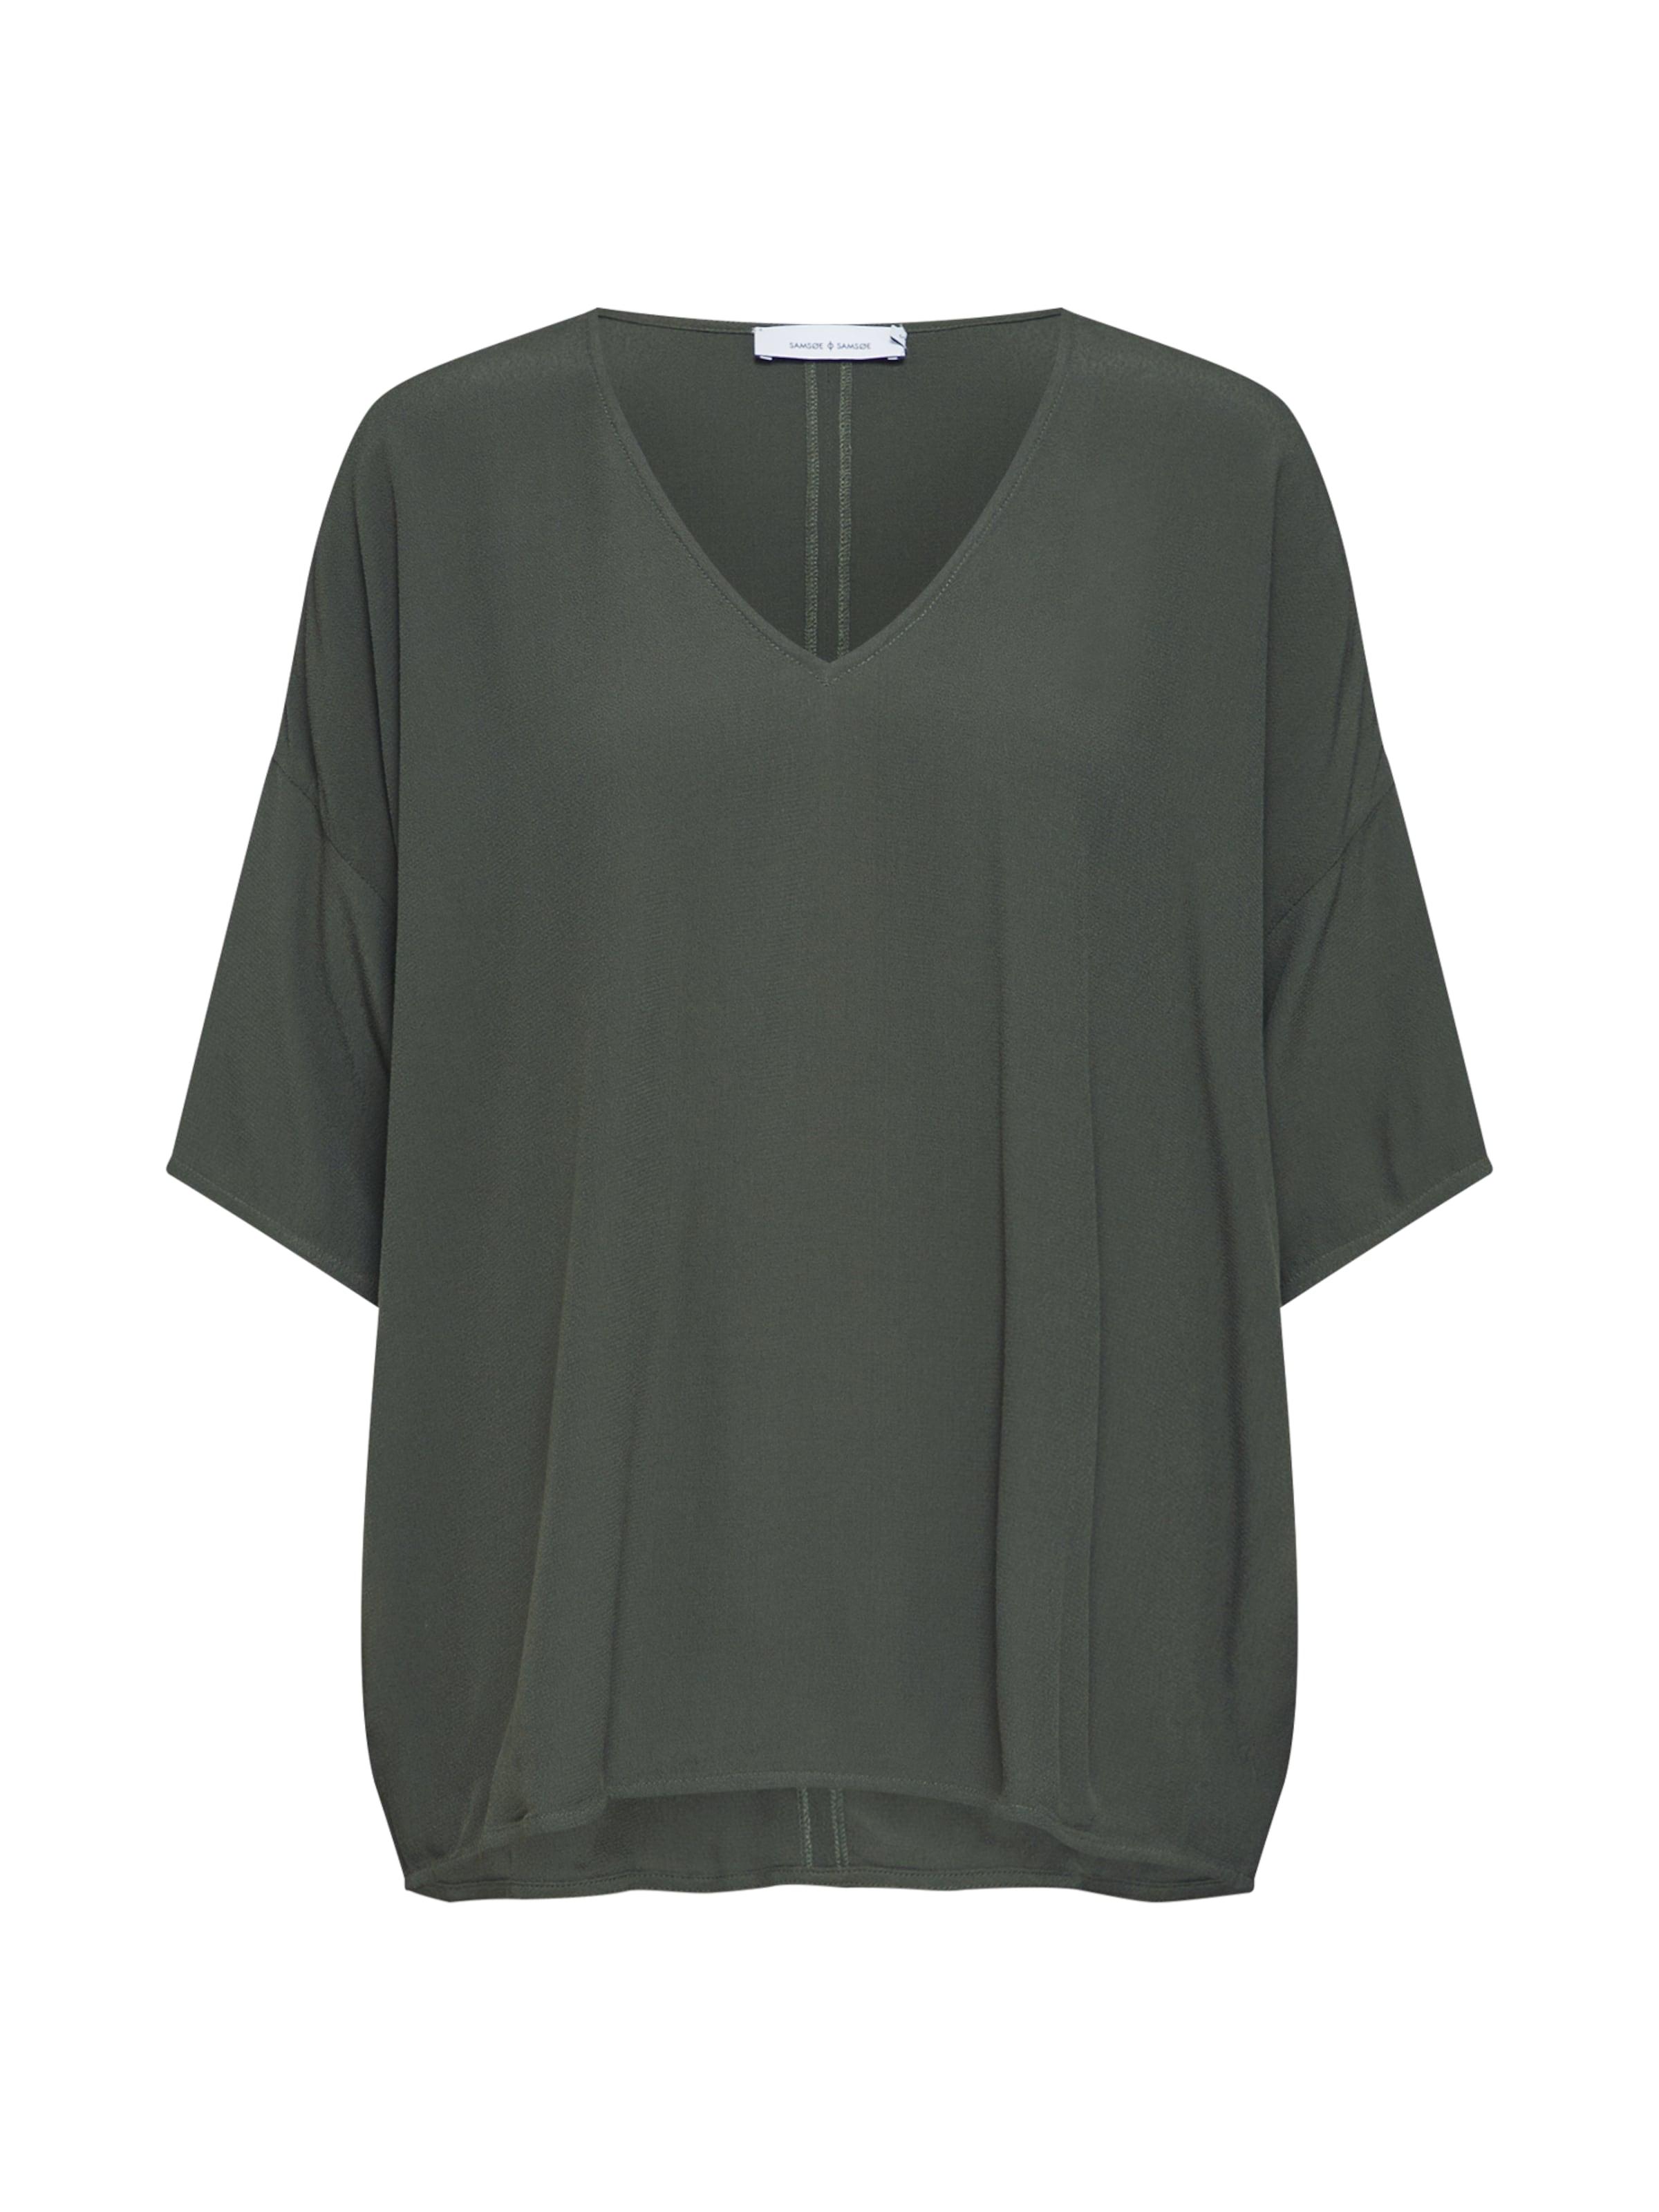 T Noir Samsoeamp; shirt T En Samsoeamp; lKF13TJc